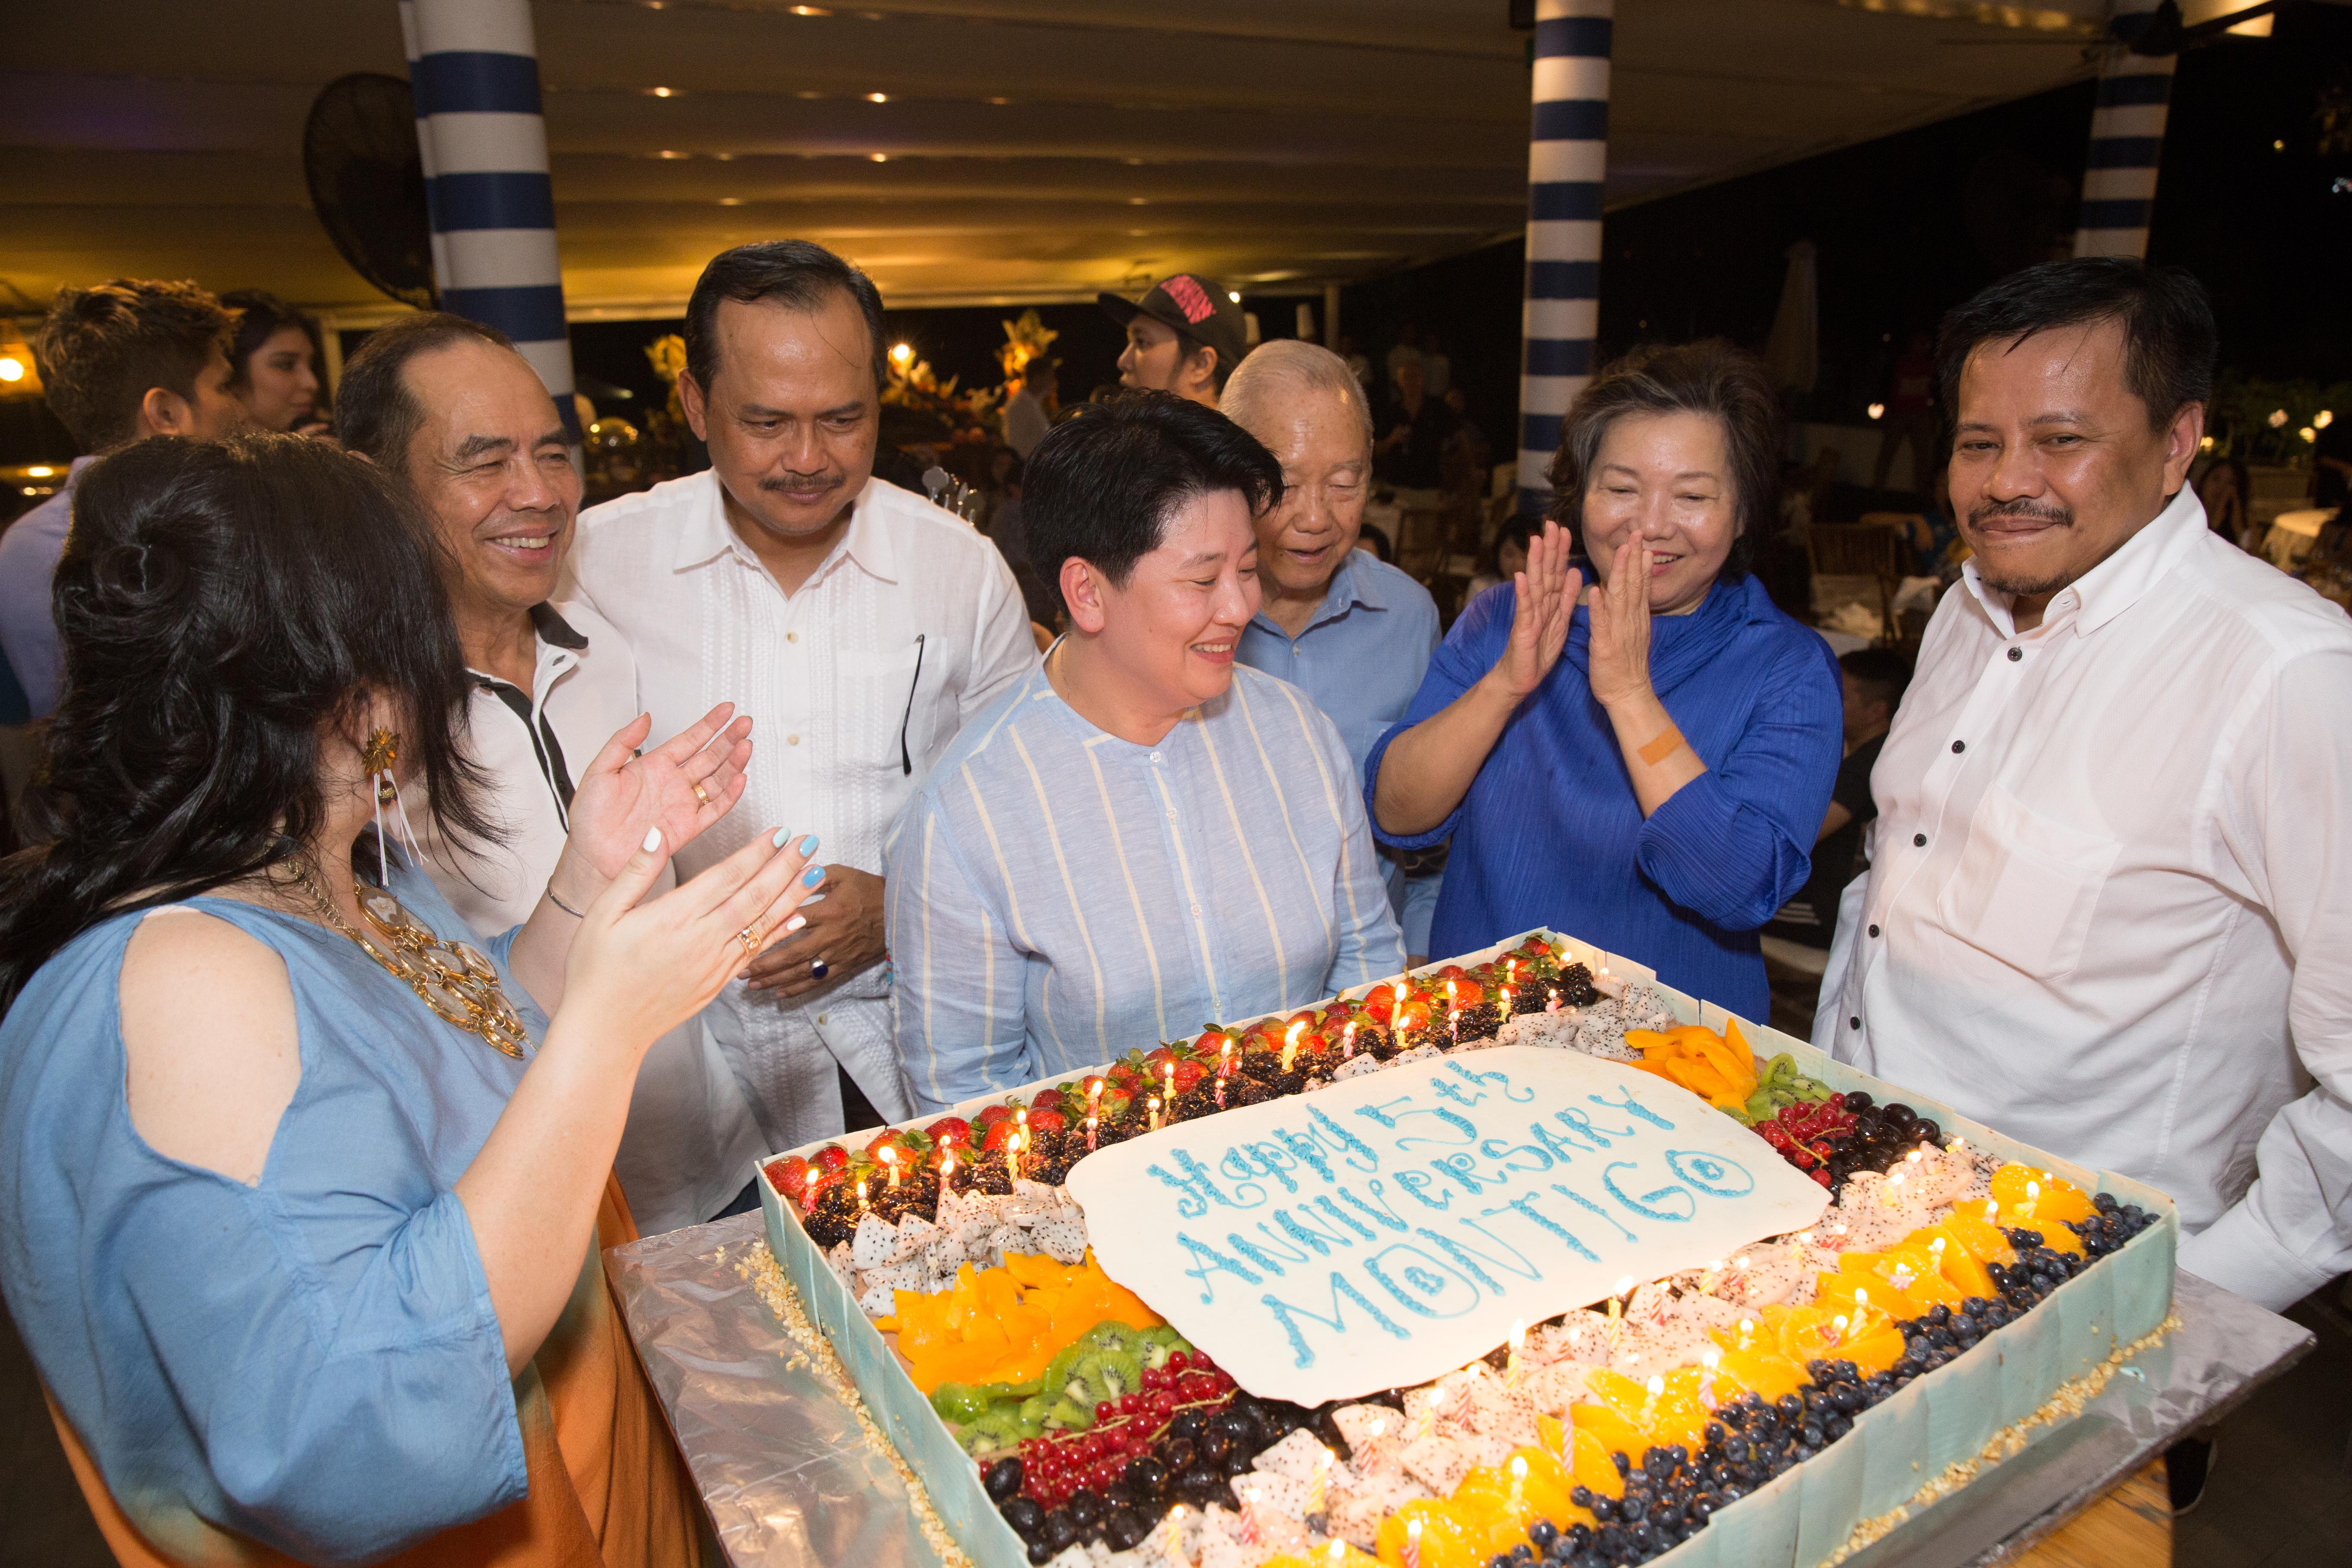 Happy 5th Birthday Montigo Resorts!